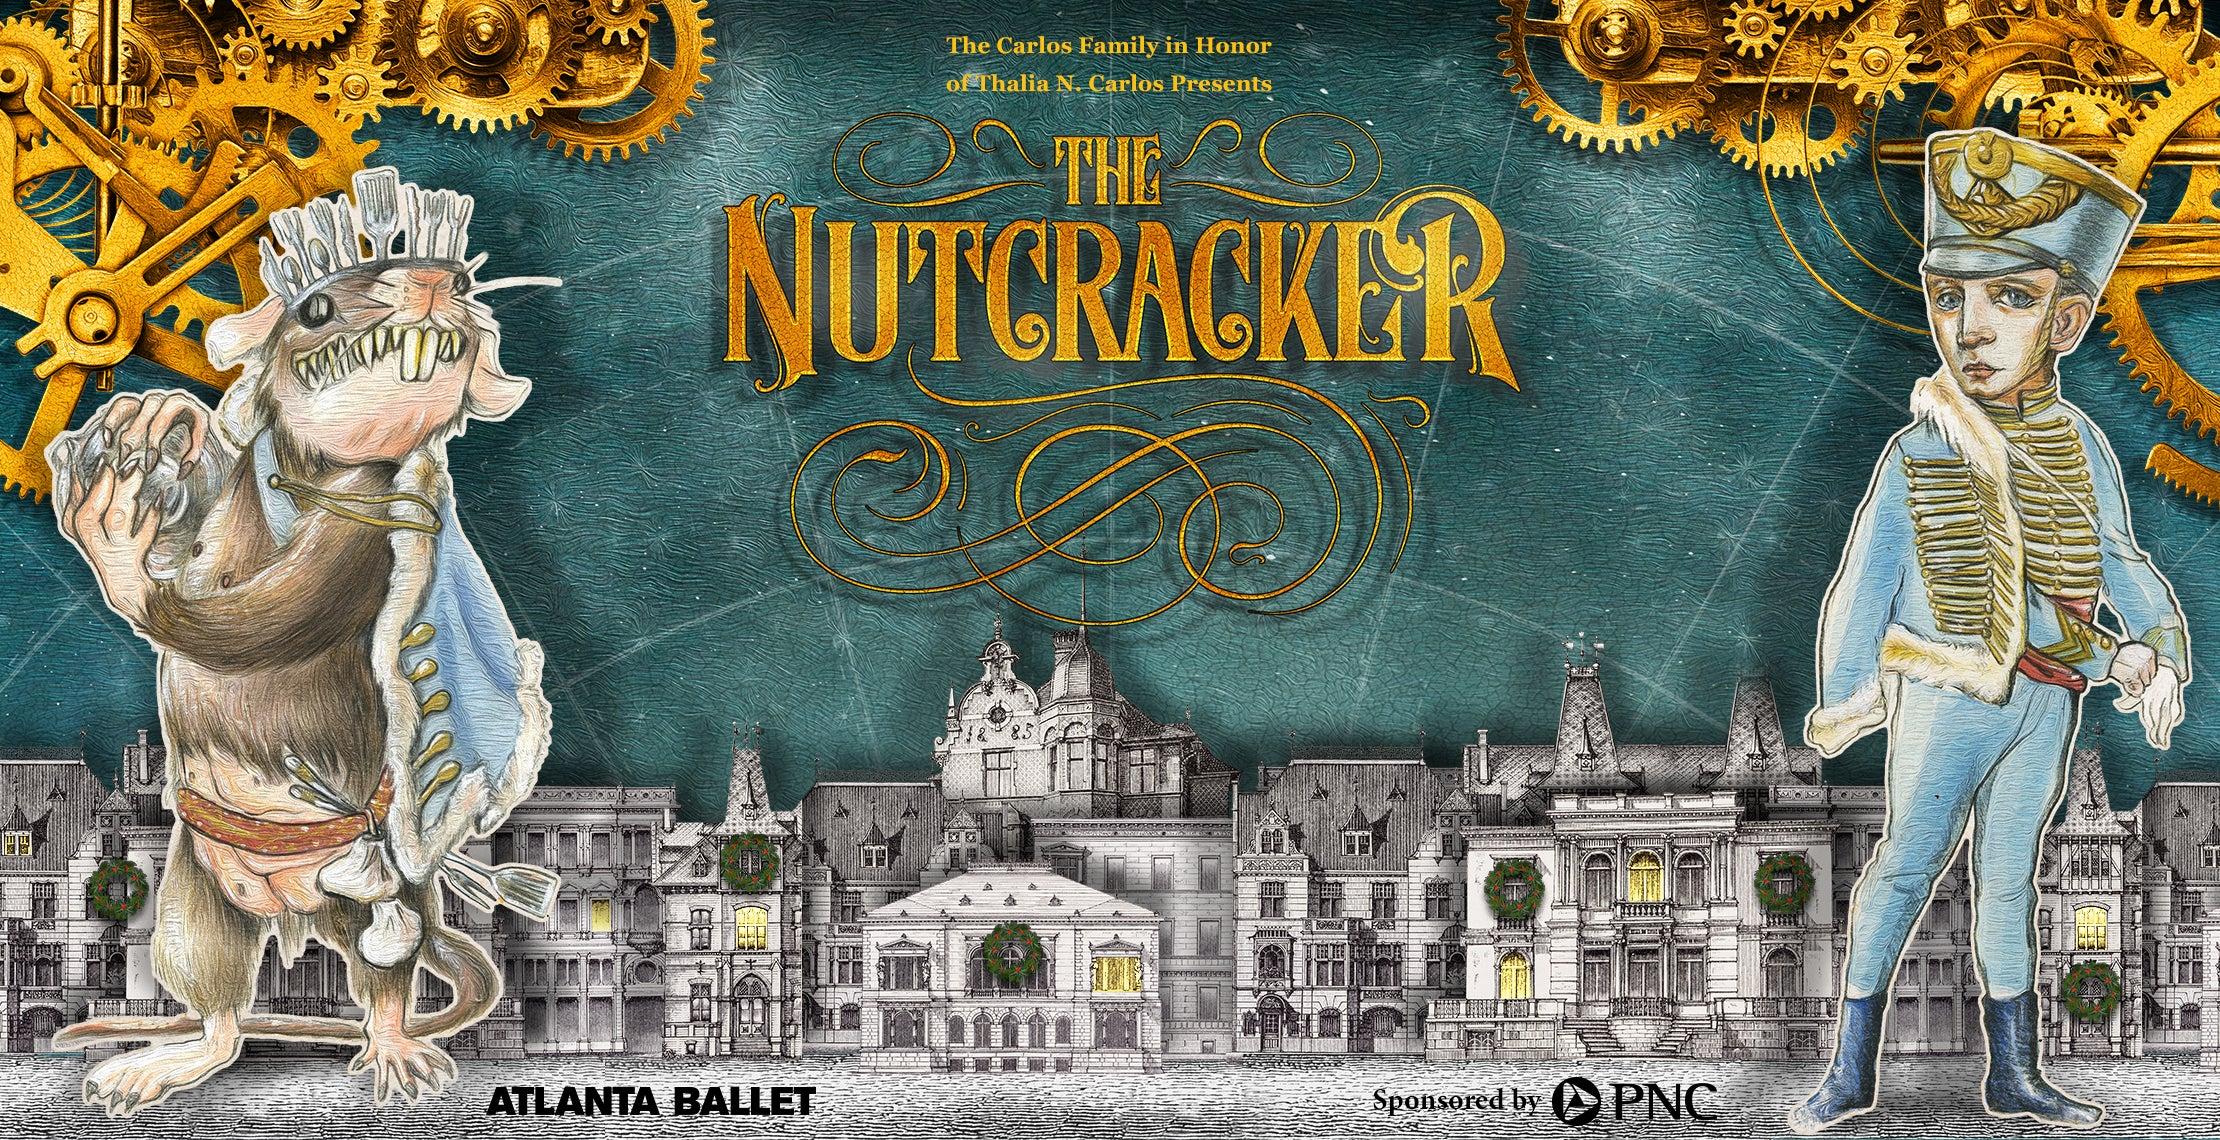 Atlanta Ballet presents The Nutcracker